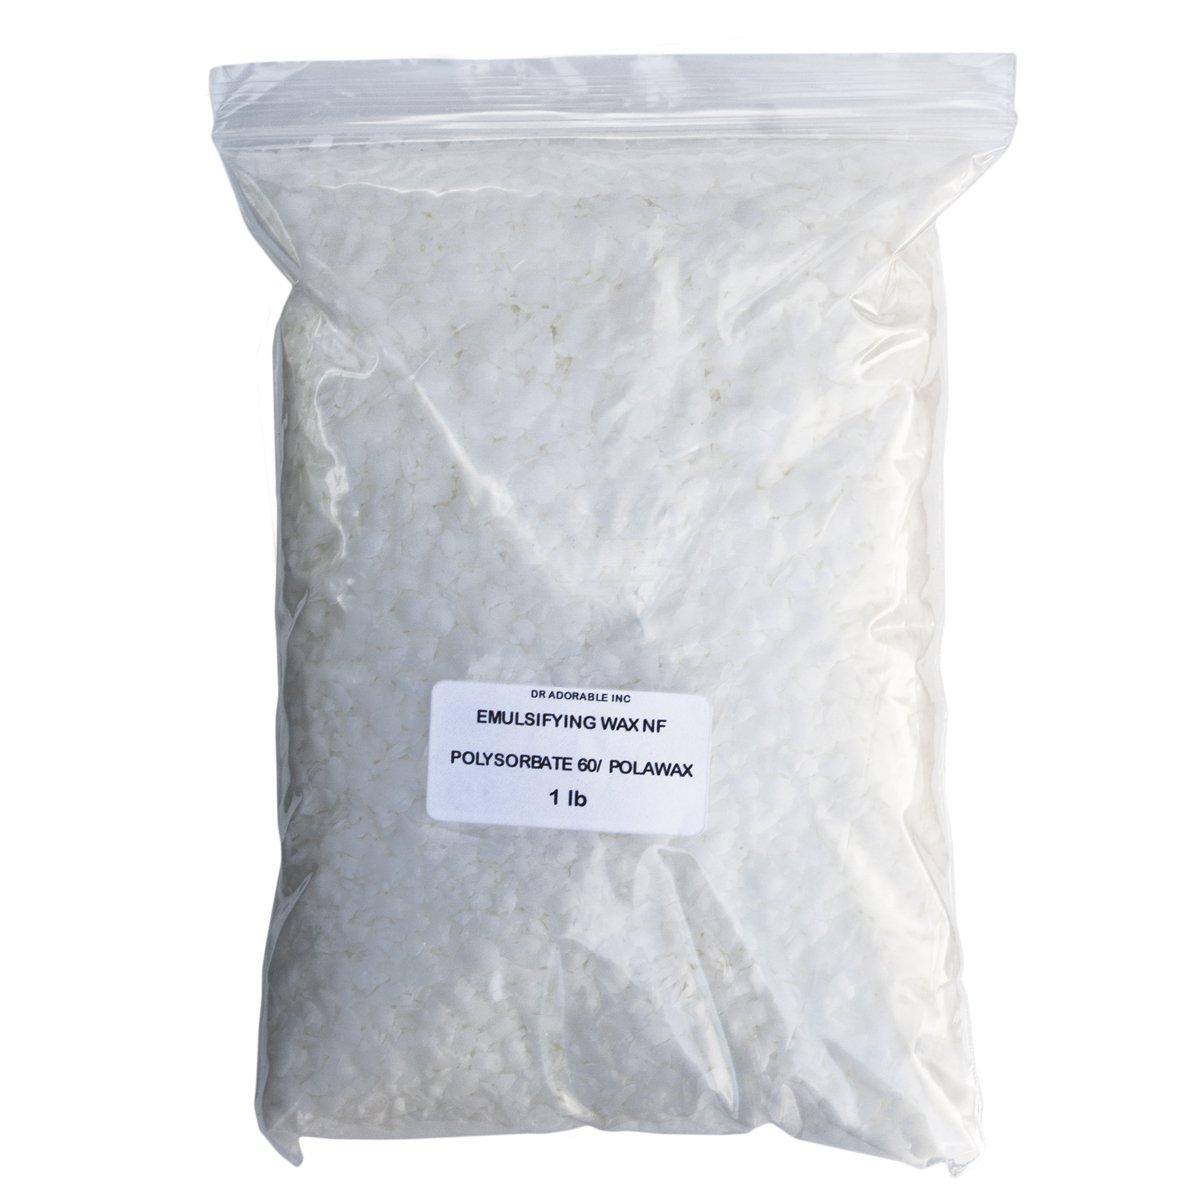 Emulsifying Wax Nf/Polysorbate 60/ Polawax 1 Lb